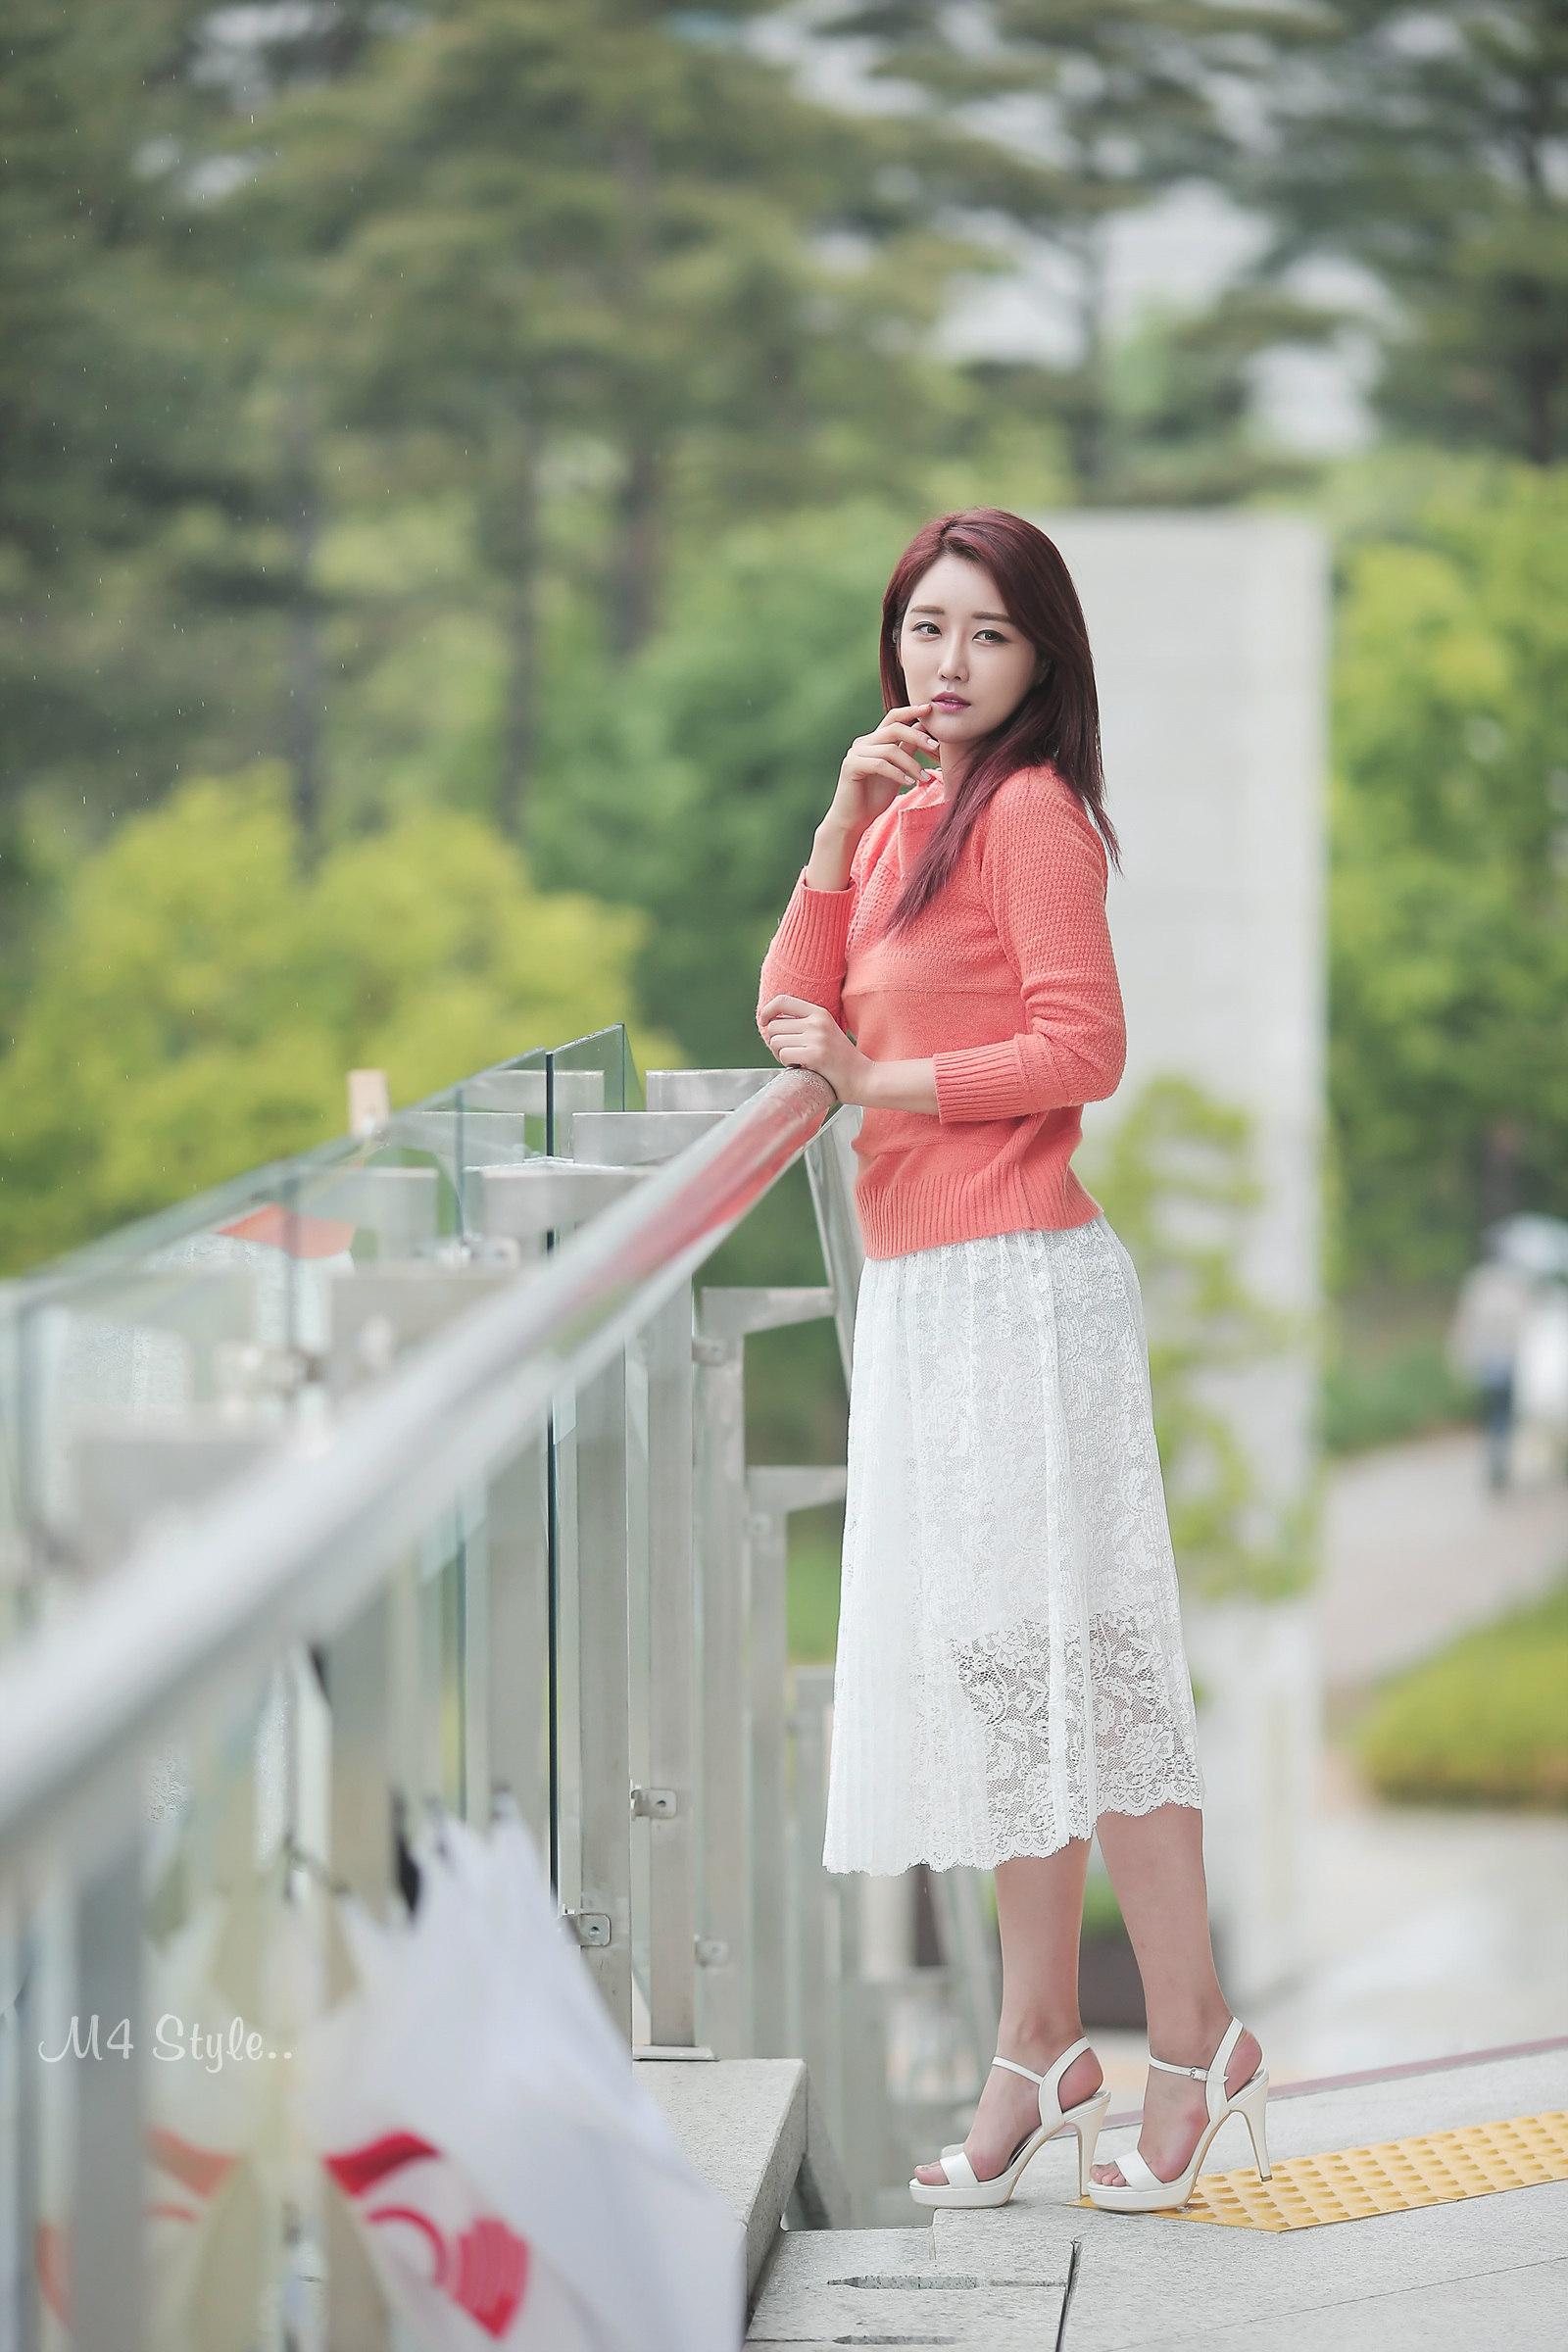 柳多妍外拍写真 - 花開有聲 - 花開有聲